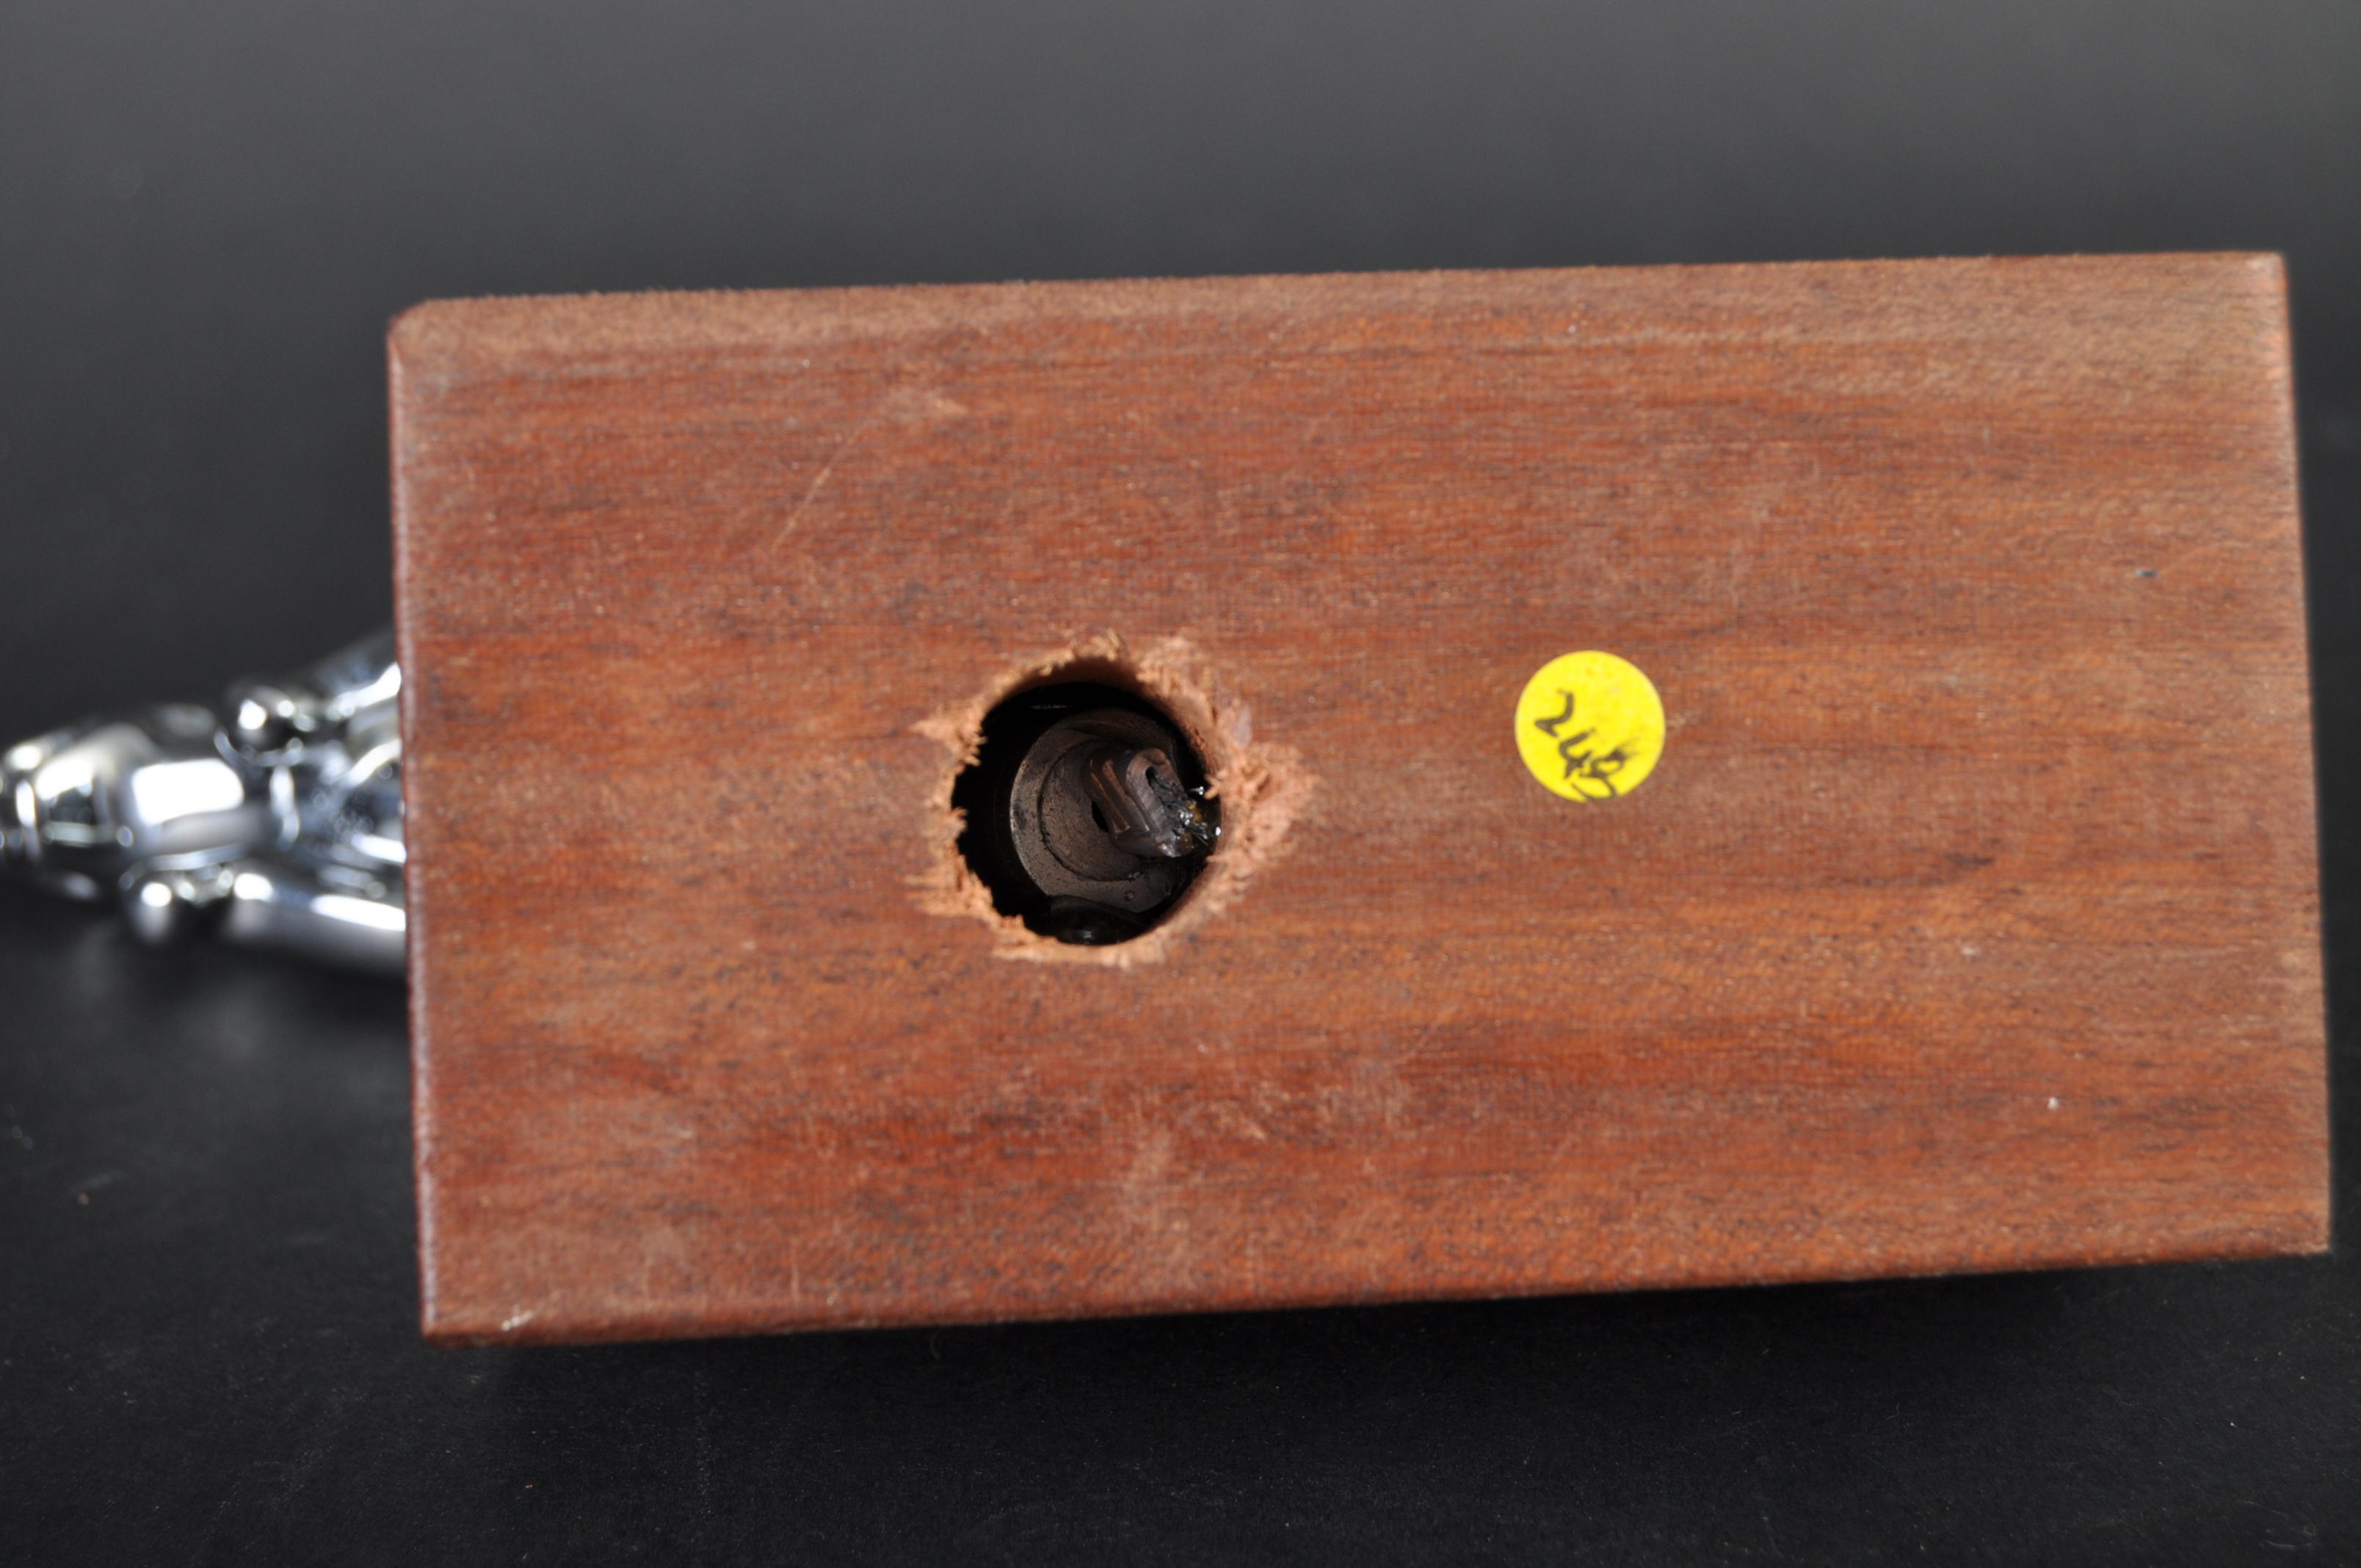 JAGUAR MASCOT - TYPE 9 SPRUNG LEAPER CHROME MASCOT - Image 5 of 5